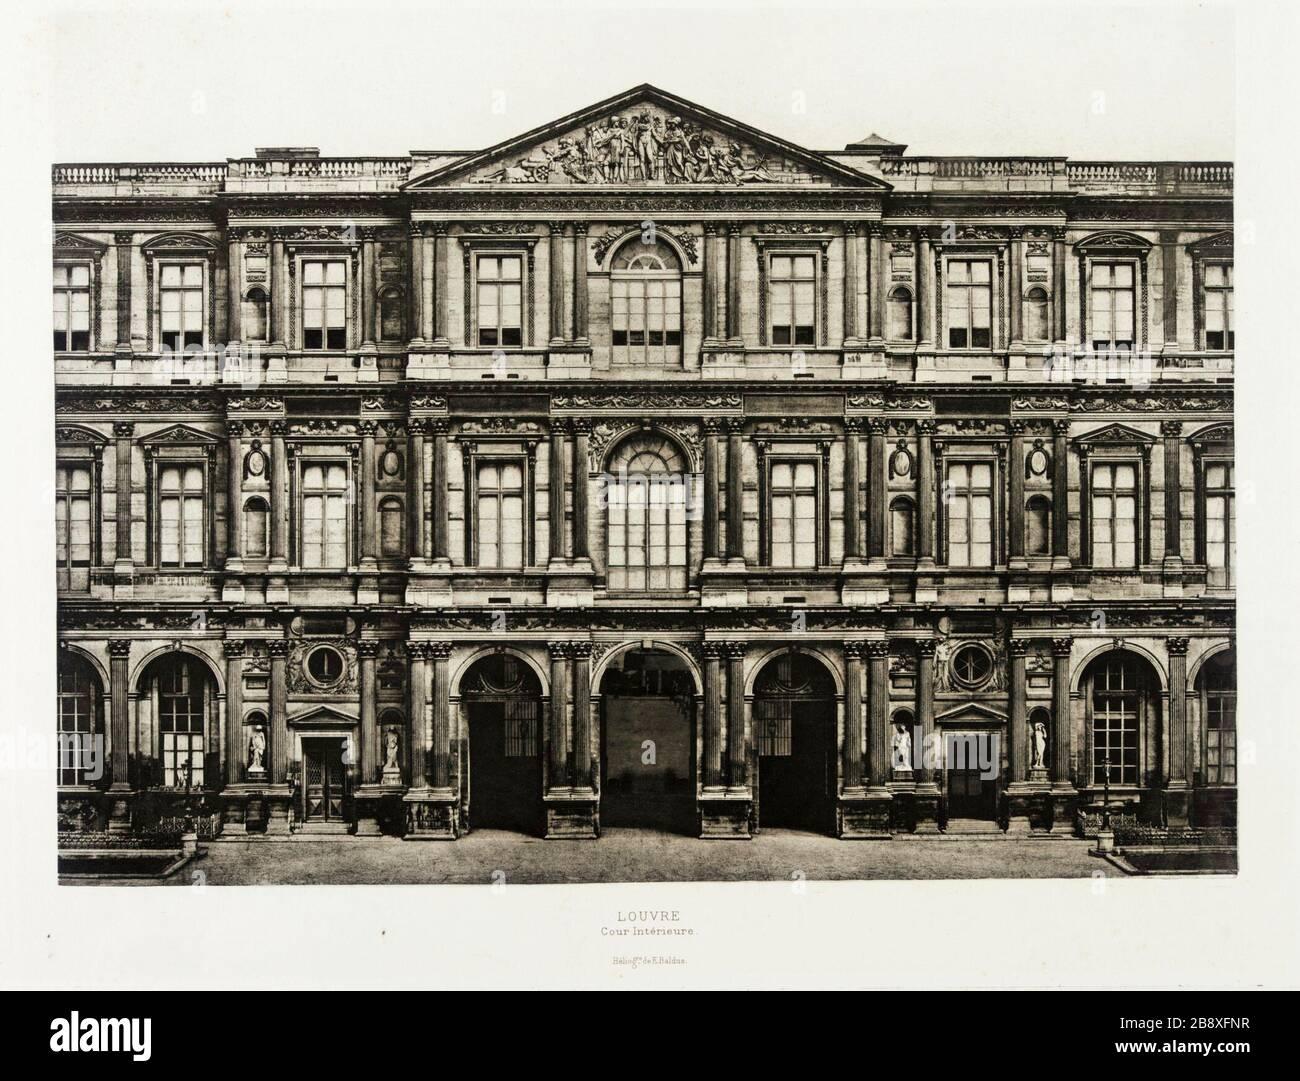 'Louvre, cour intèrieure; Anglais: façade sud du Pavillon de 1800 sur le côté nord de la Cour carrée du Louvre à Paris, France, vers 1856 Photographies Photogravure de Droit: 14 3/4 x 19 in. (37,47 x 48,26 cm); feuilles: 17 1/2 x 25 in. (44,45 x 63,5 cm Don anonyme (AC1998.239.1) photographie; circa 1856 QS date:P571,+1856-00-00T00:00:00Z/9,P1480,Q5727902; ' Banque D'Images